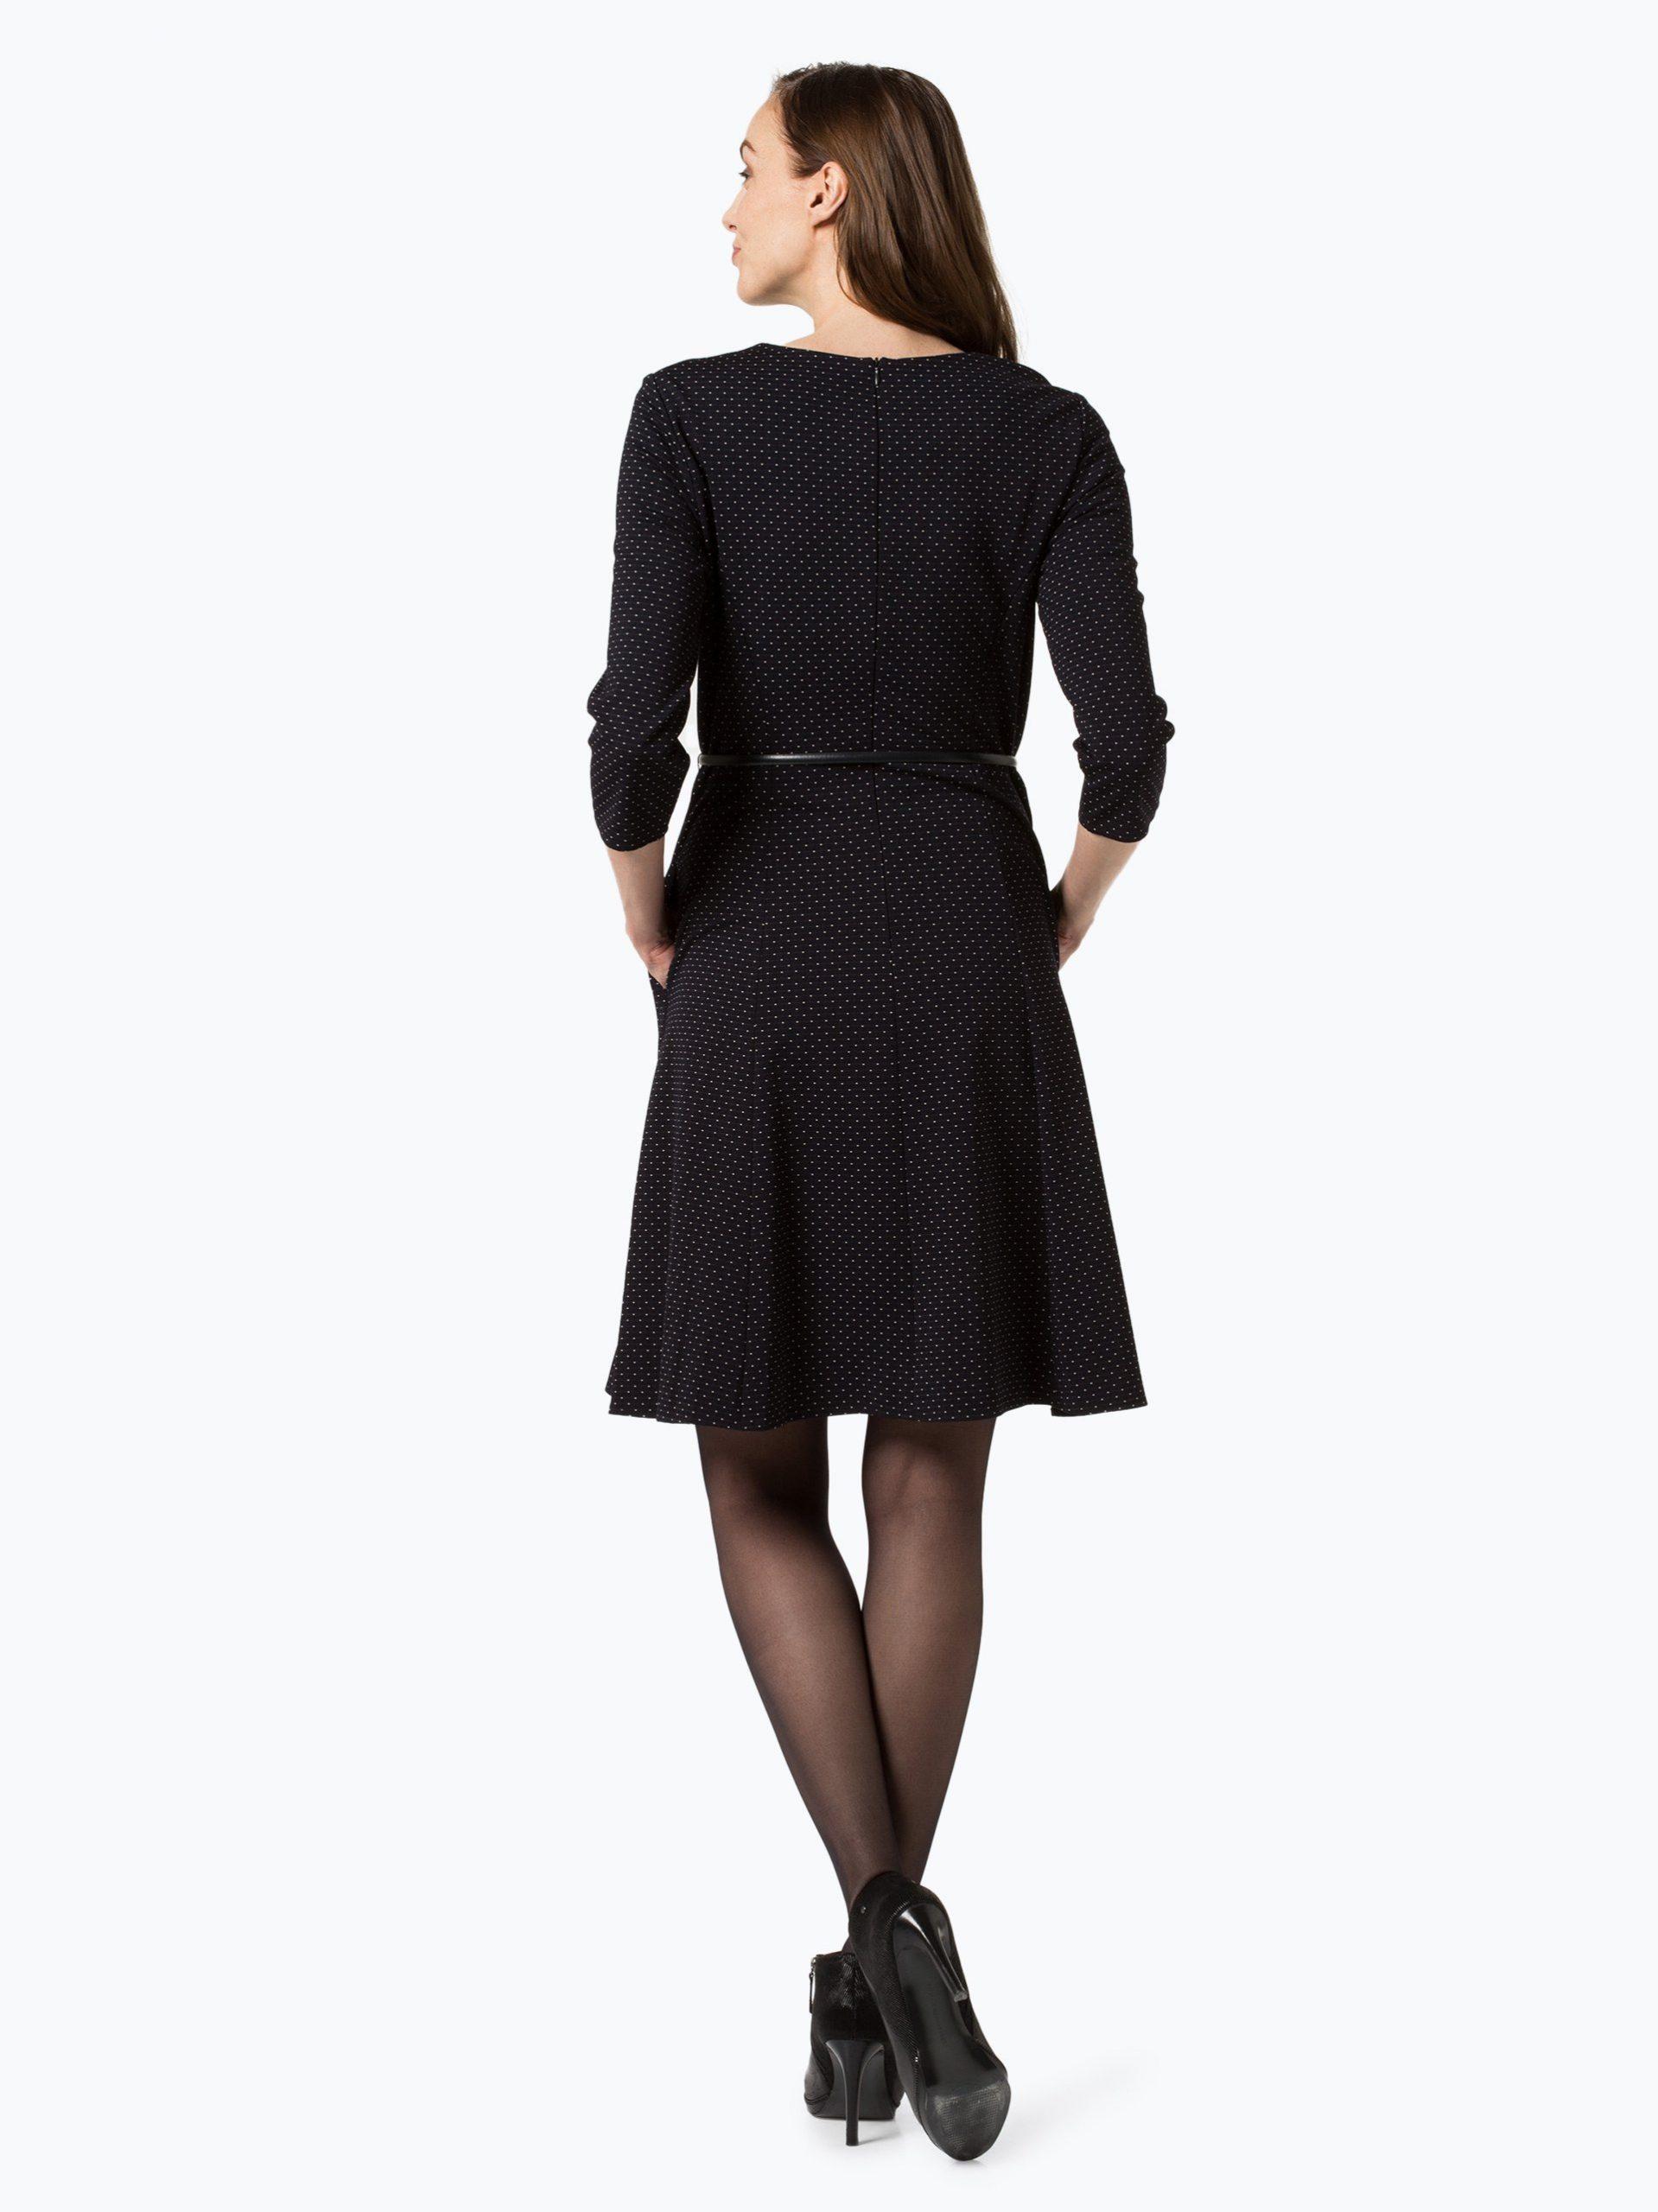 Gerry Weber Damen Kleid Online Kaufen  Peekund